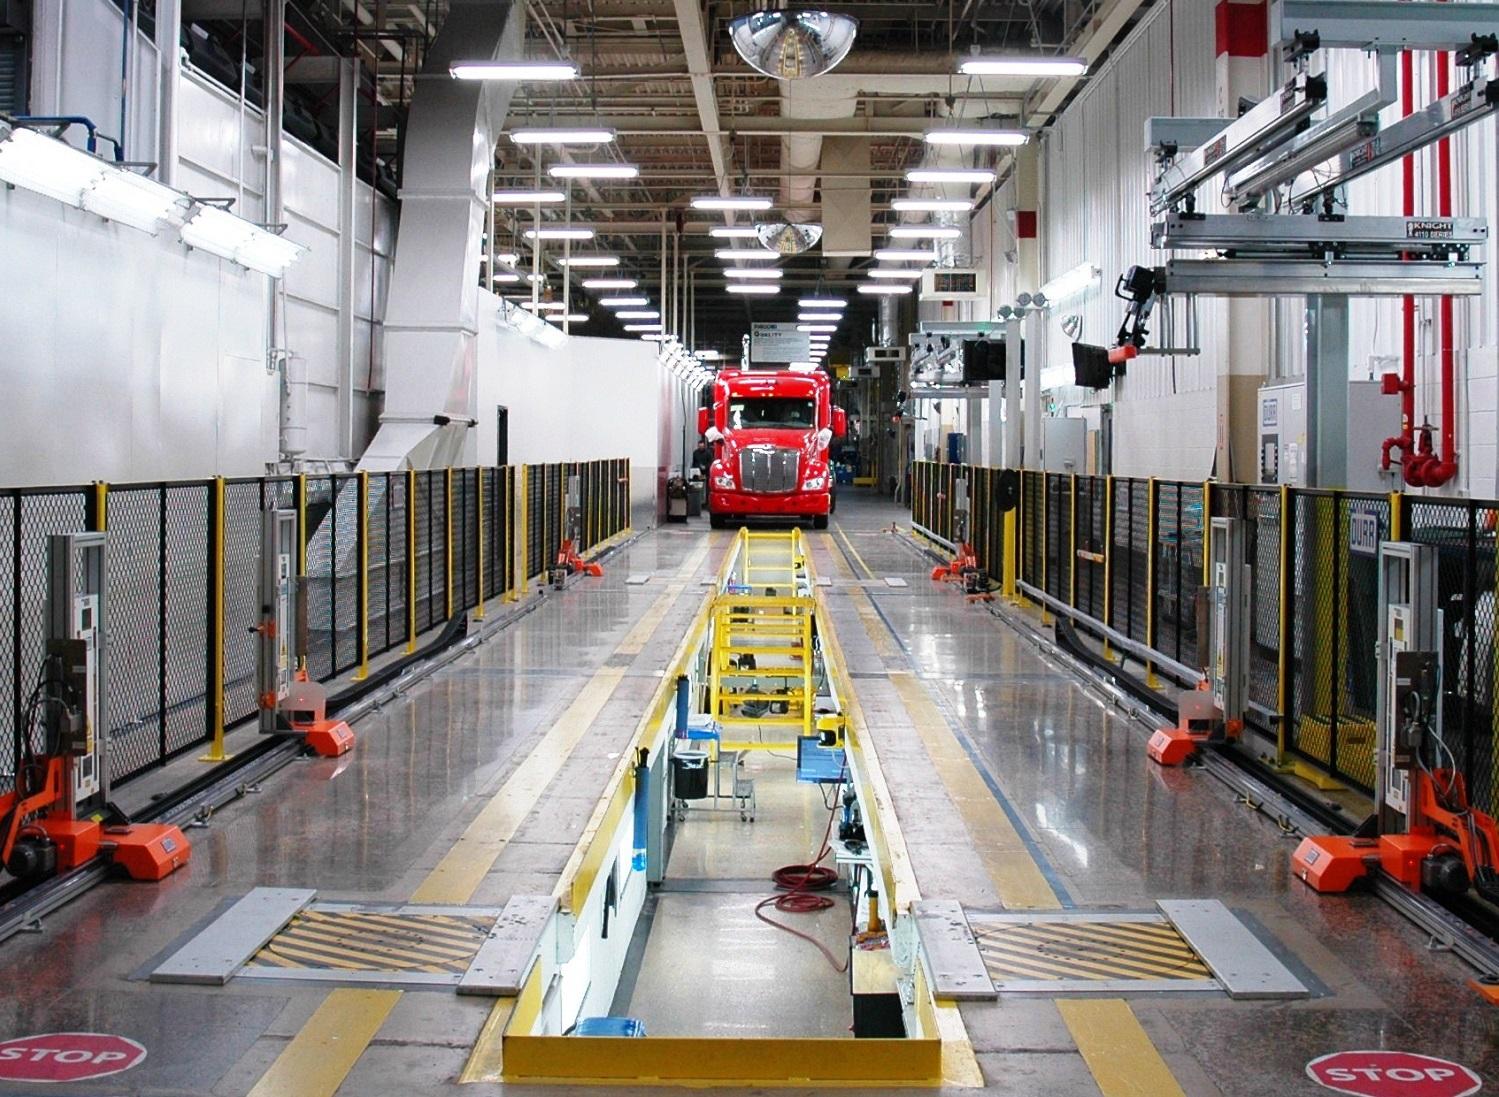 Peterbilt truck in a factory.